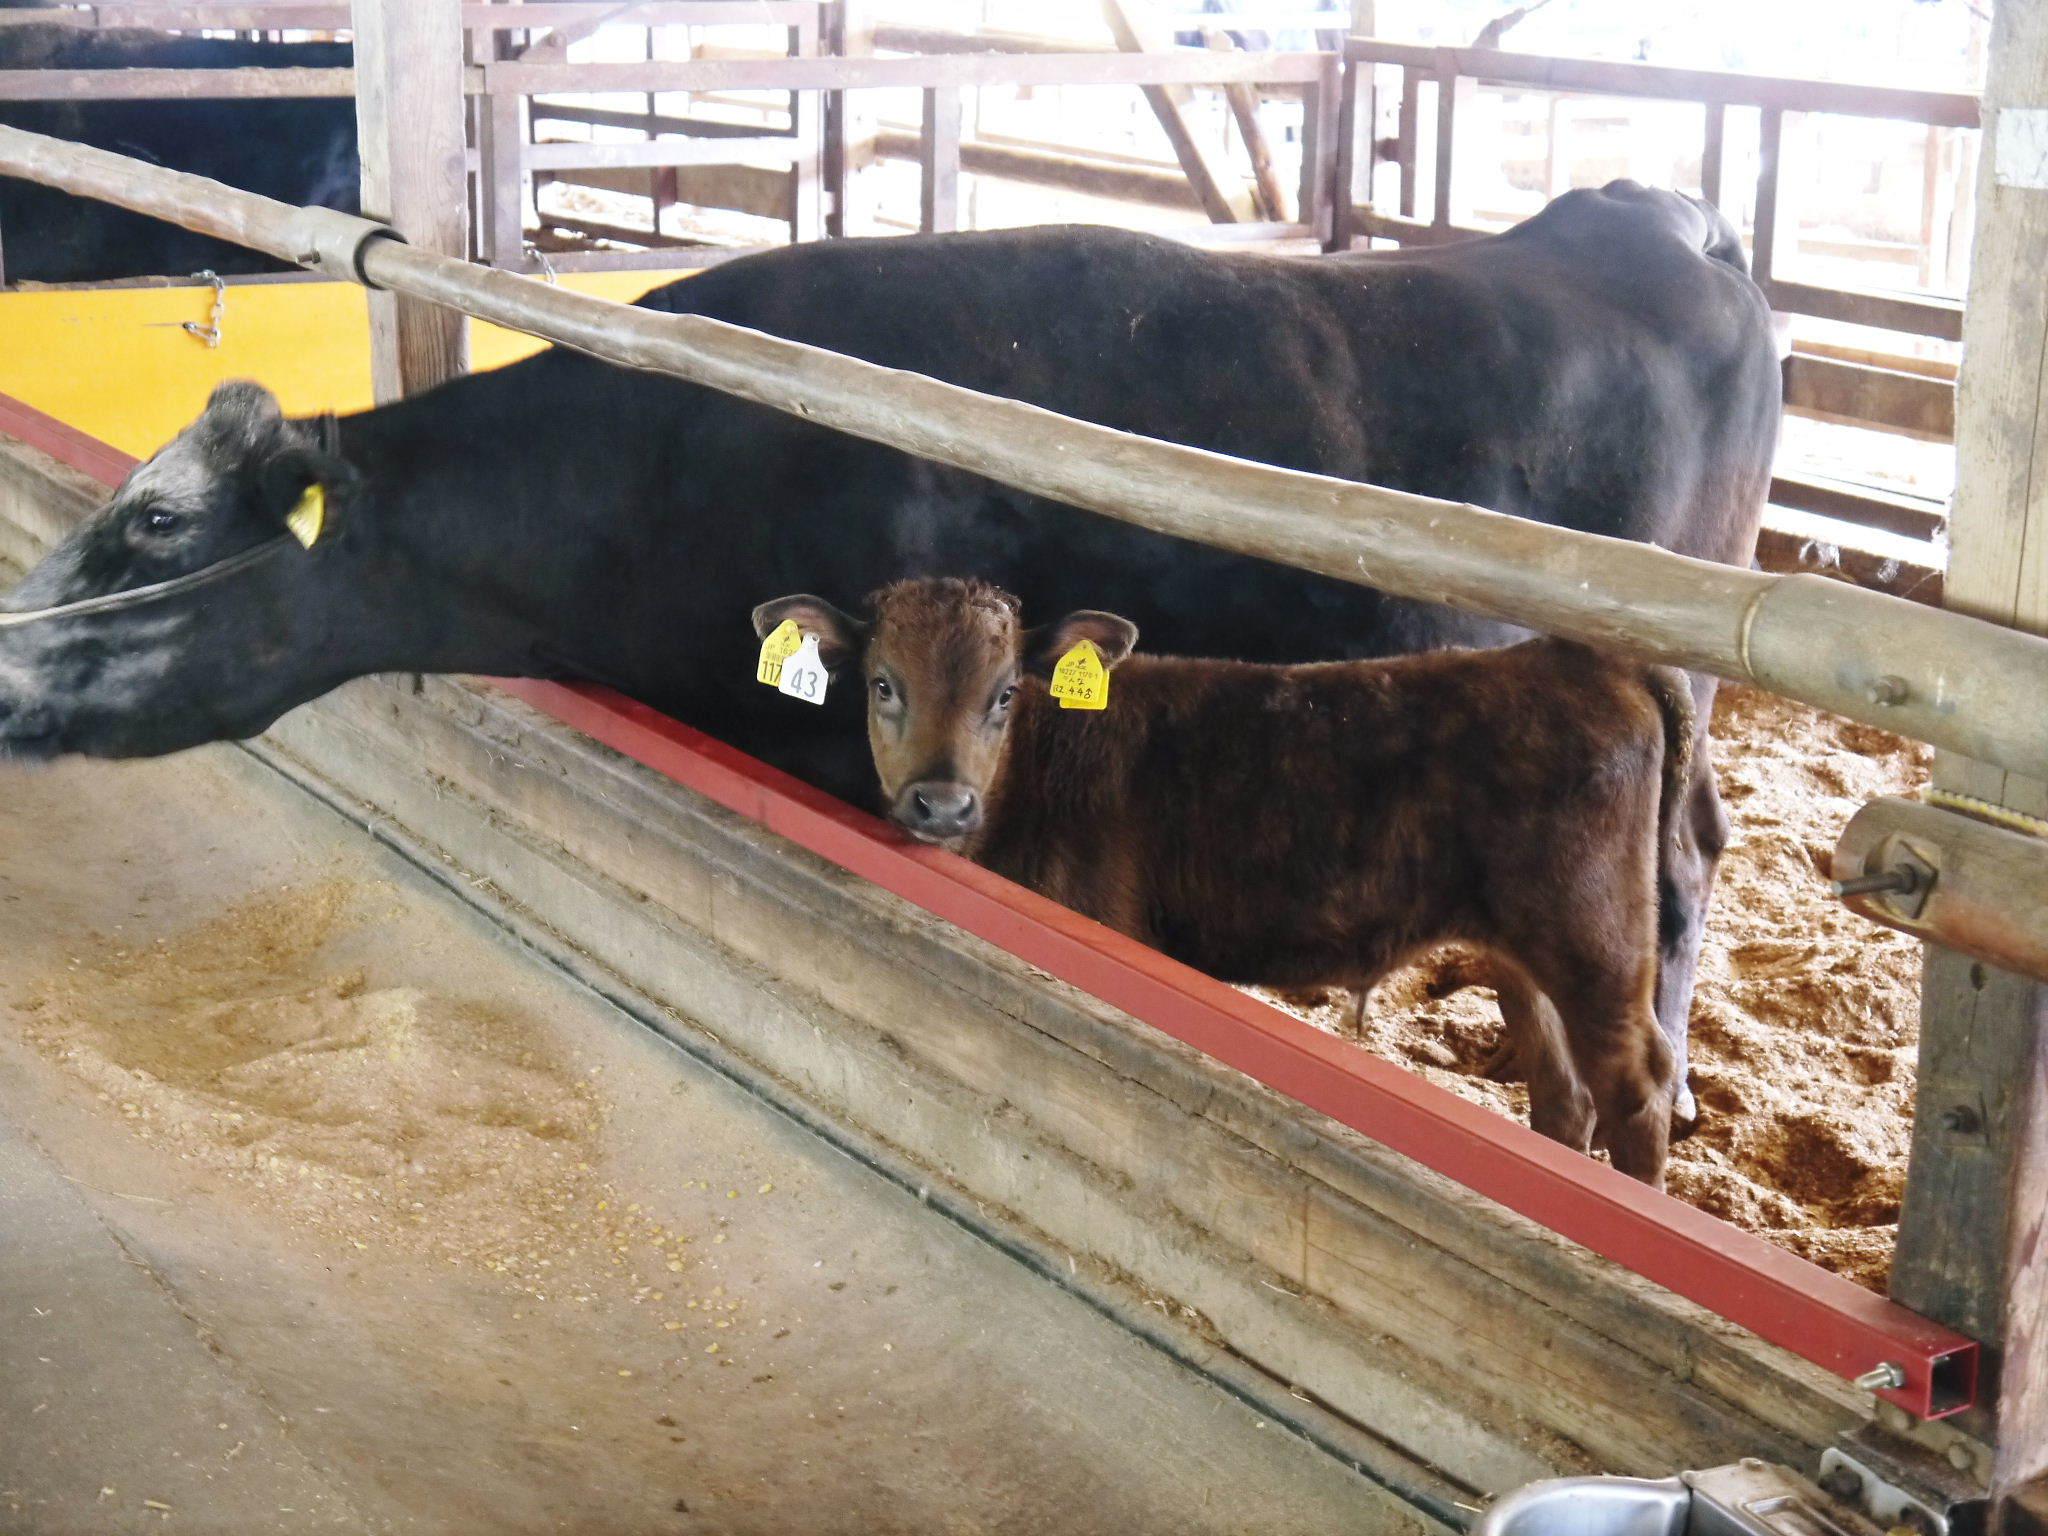 熊本県産の黒毛和牛を100%のハンバーグステーキ!次回出荷日決定!9月23日(水)に数量限定で出荷です!_a0254656_18434701.jpg